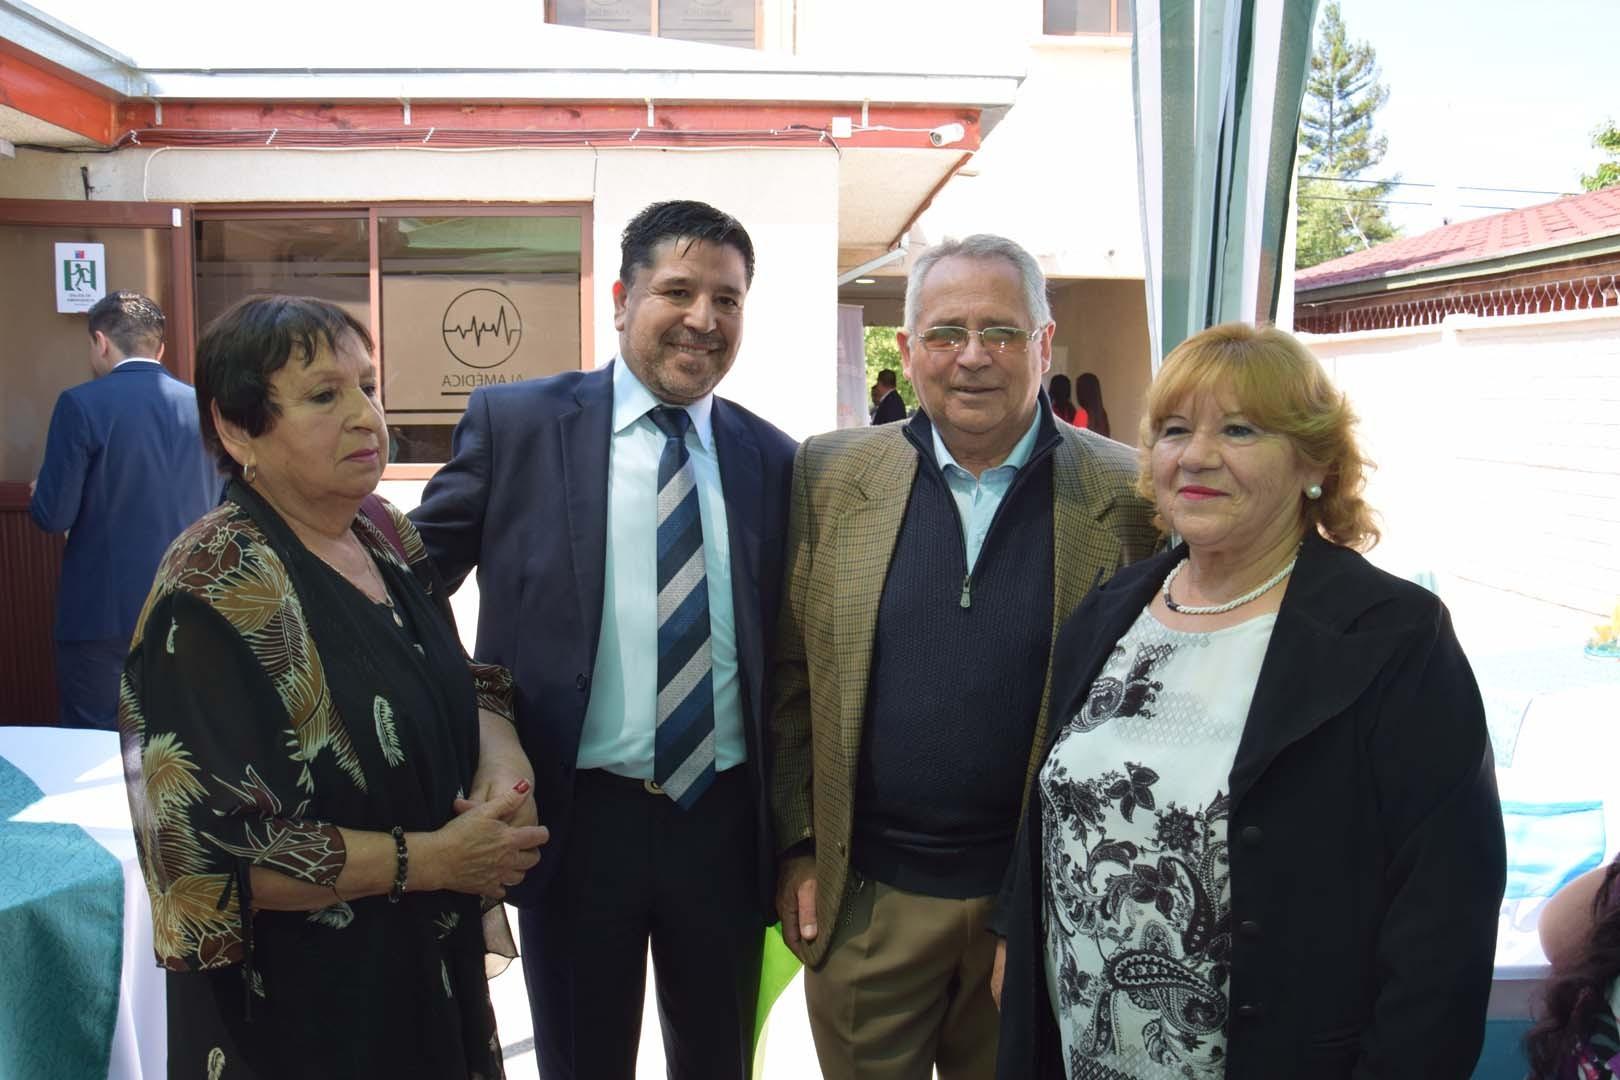 María Teresa Yáñez, Marcelo Troncoso, Gastón Vera y María Angélica Pino